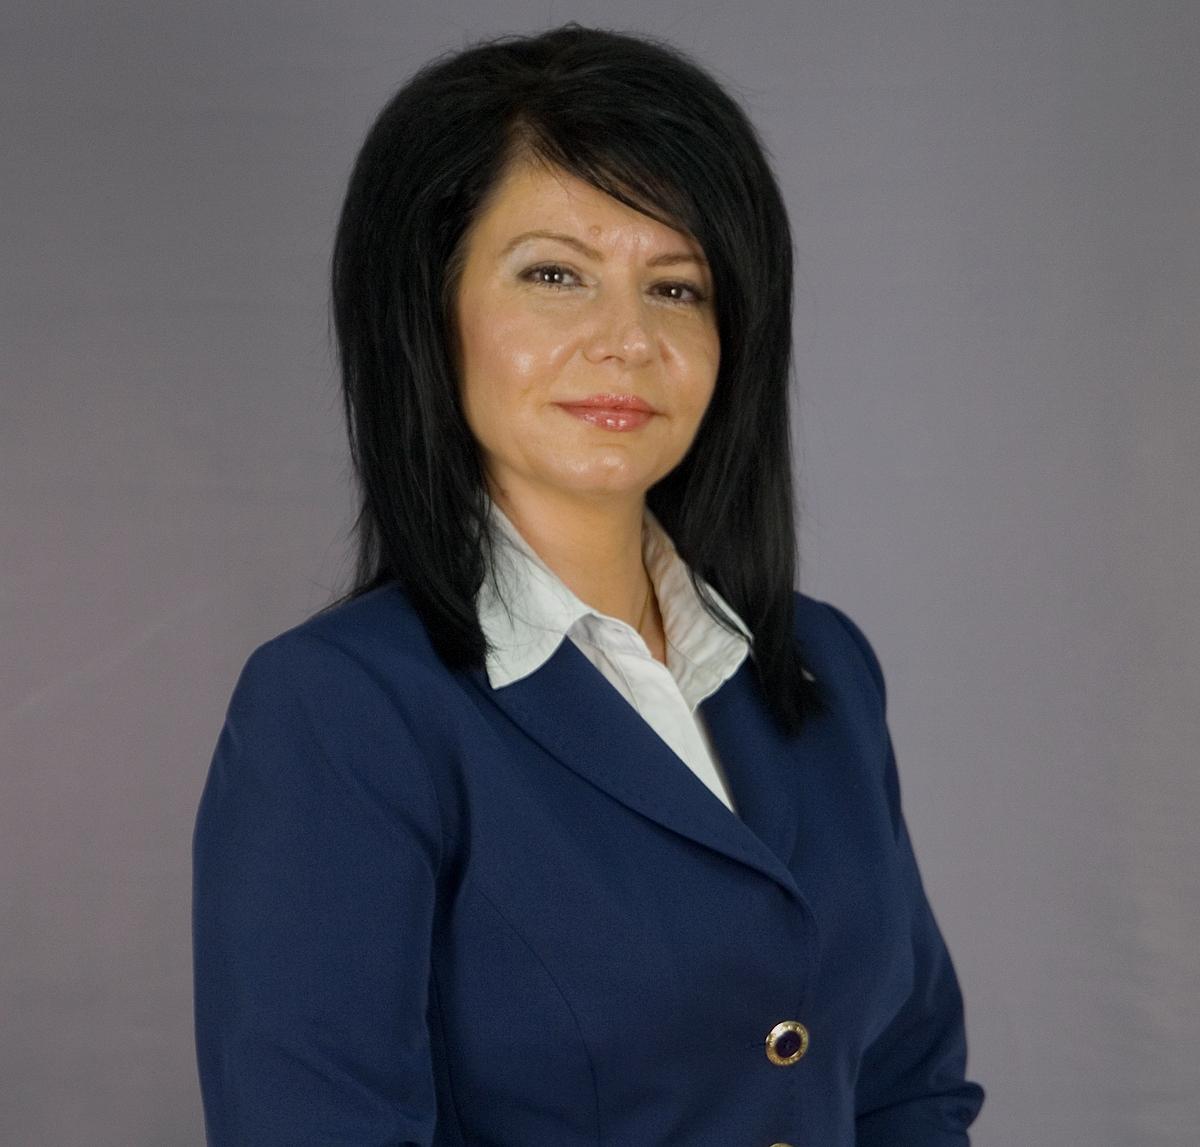 """Отново заплашват журналисти! Герберски кмет заплашва сайта """"Булнюз """"!"""